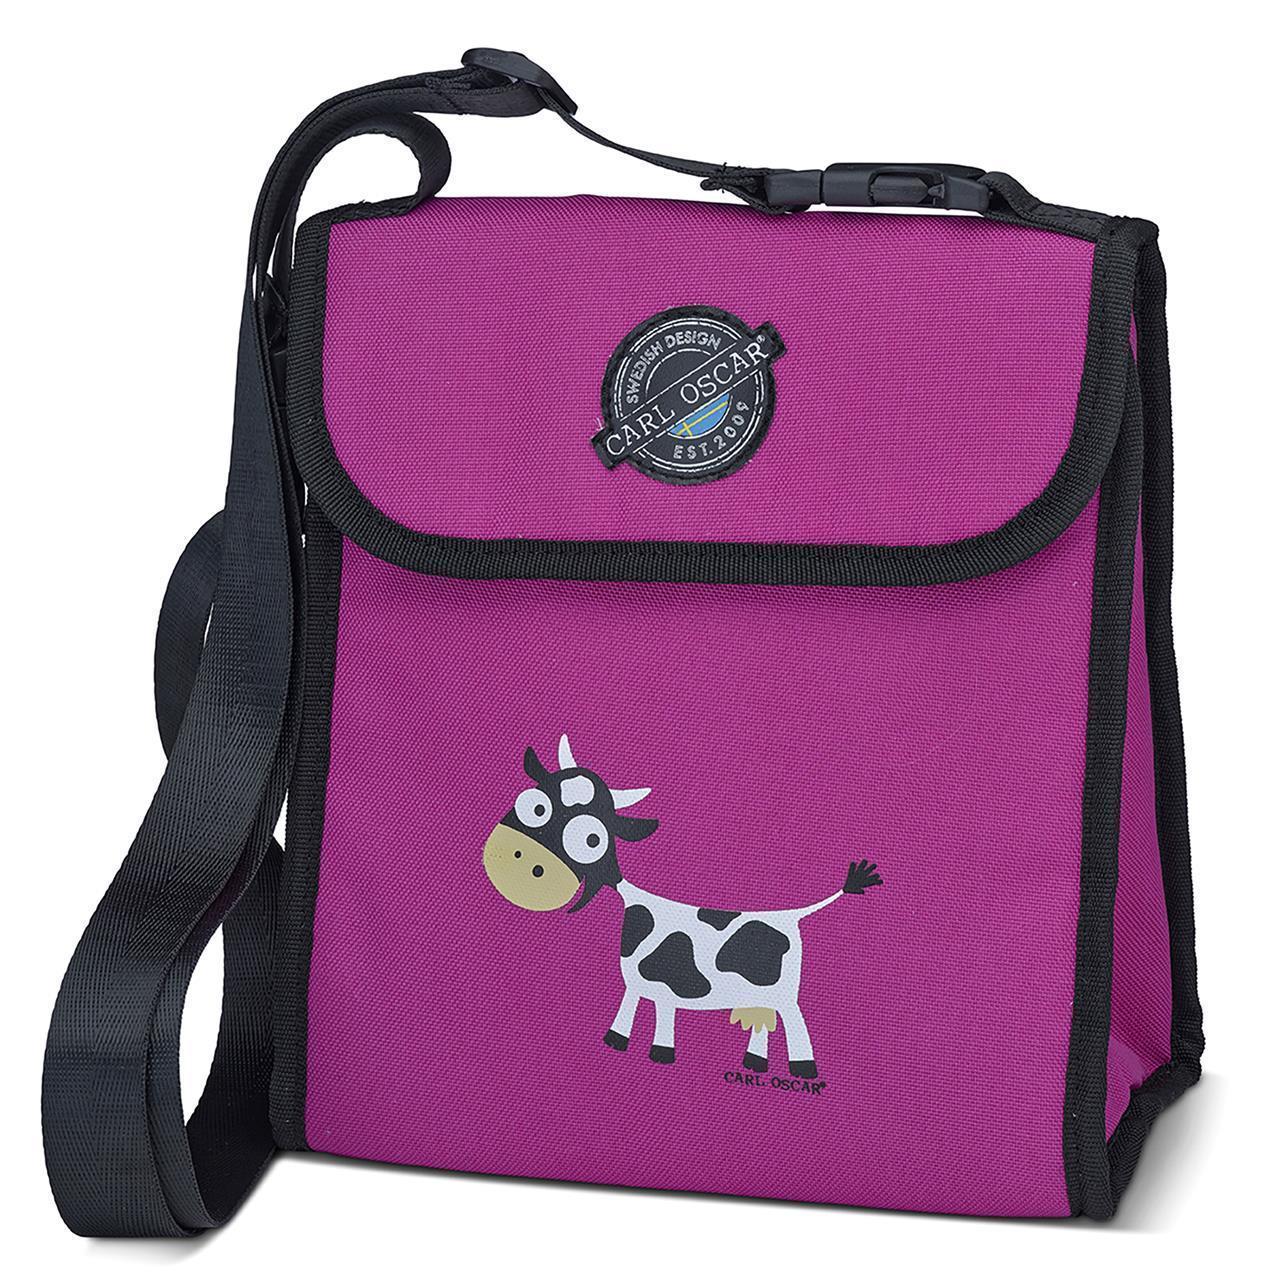 CARL OSCAR Pack n' Snack™ CoolerBag Purple Cow